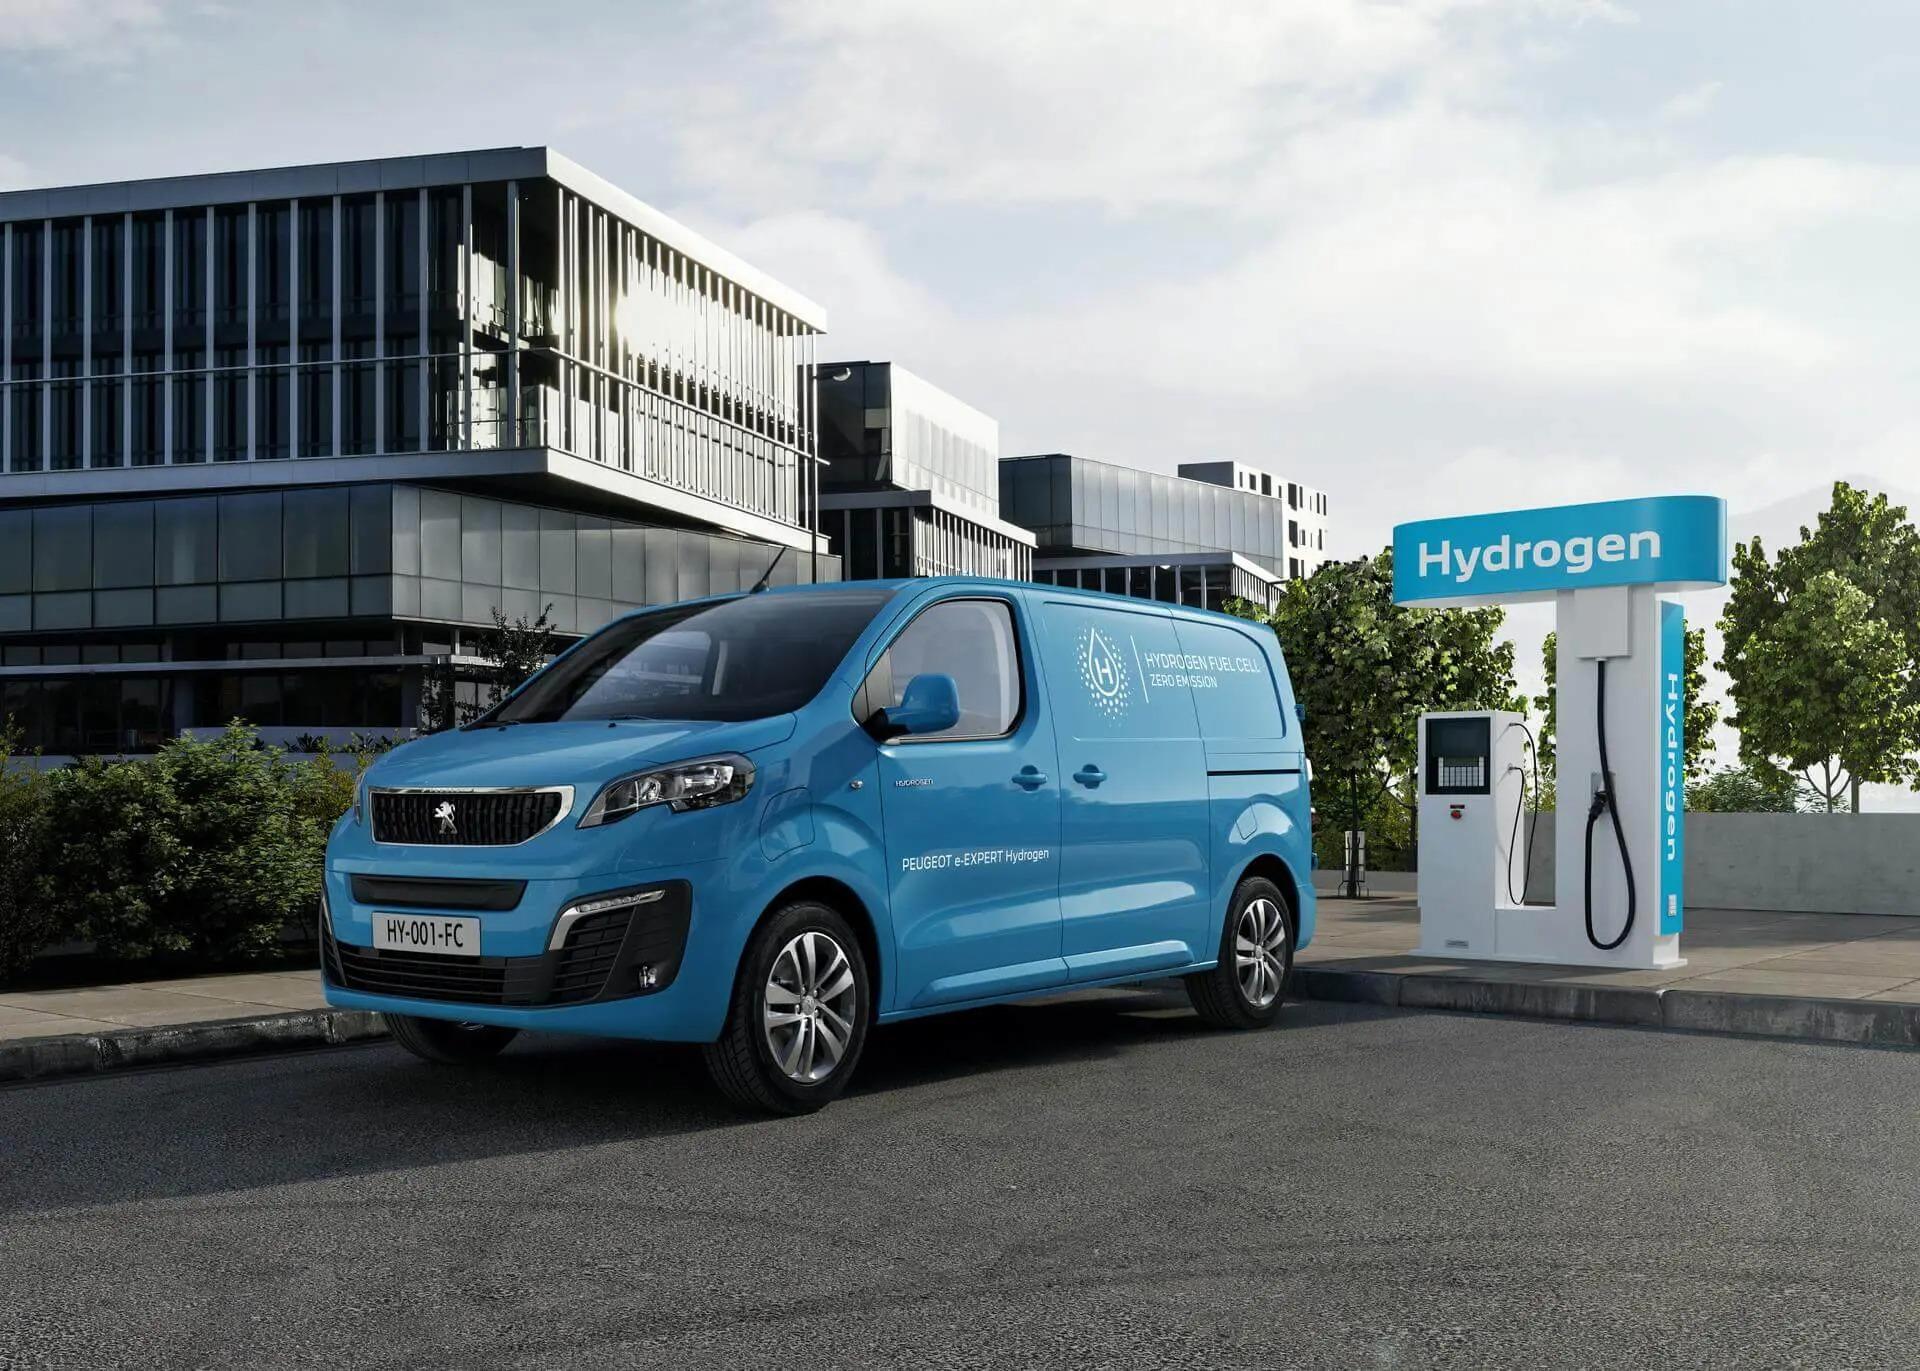 Электрический Peugeot e-Expert (на видео) на днях обзавелся новой модификацией: инженеры добавили водородных топливных ячеек. Такая версия способна проезжать минимум 400 км по европейскому циклу, что точно оценят коммерческие клиенты, на которых и рассчитана новинка.